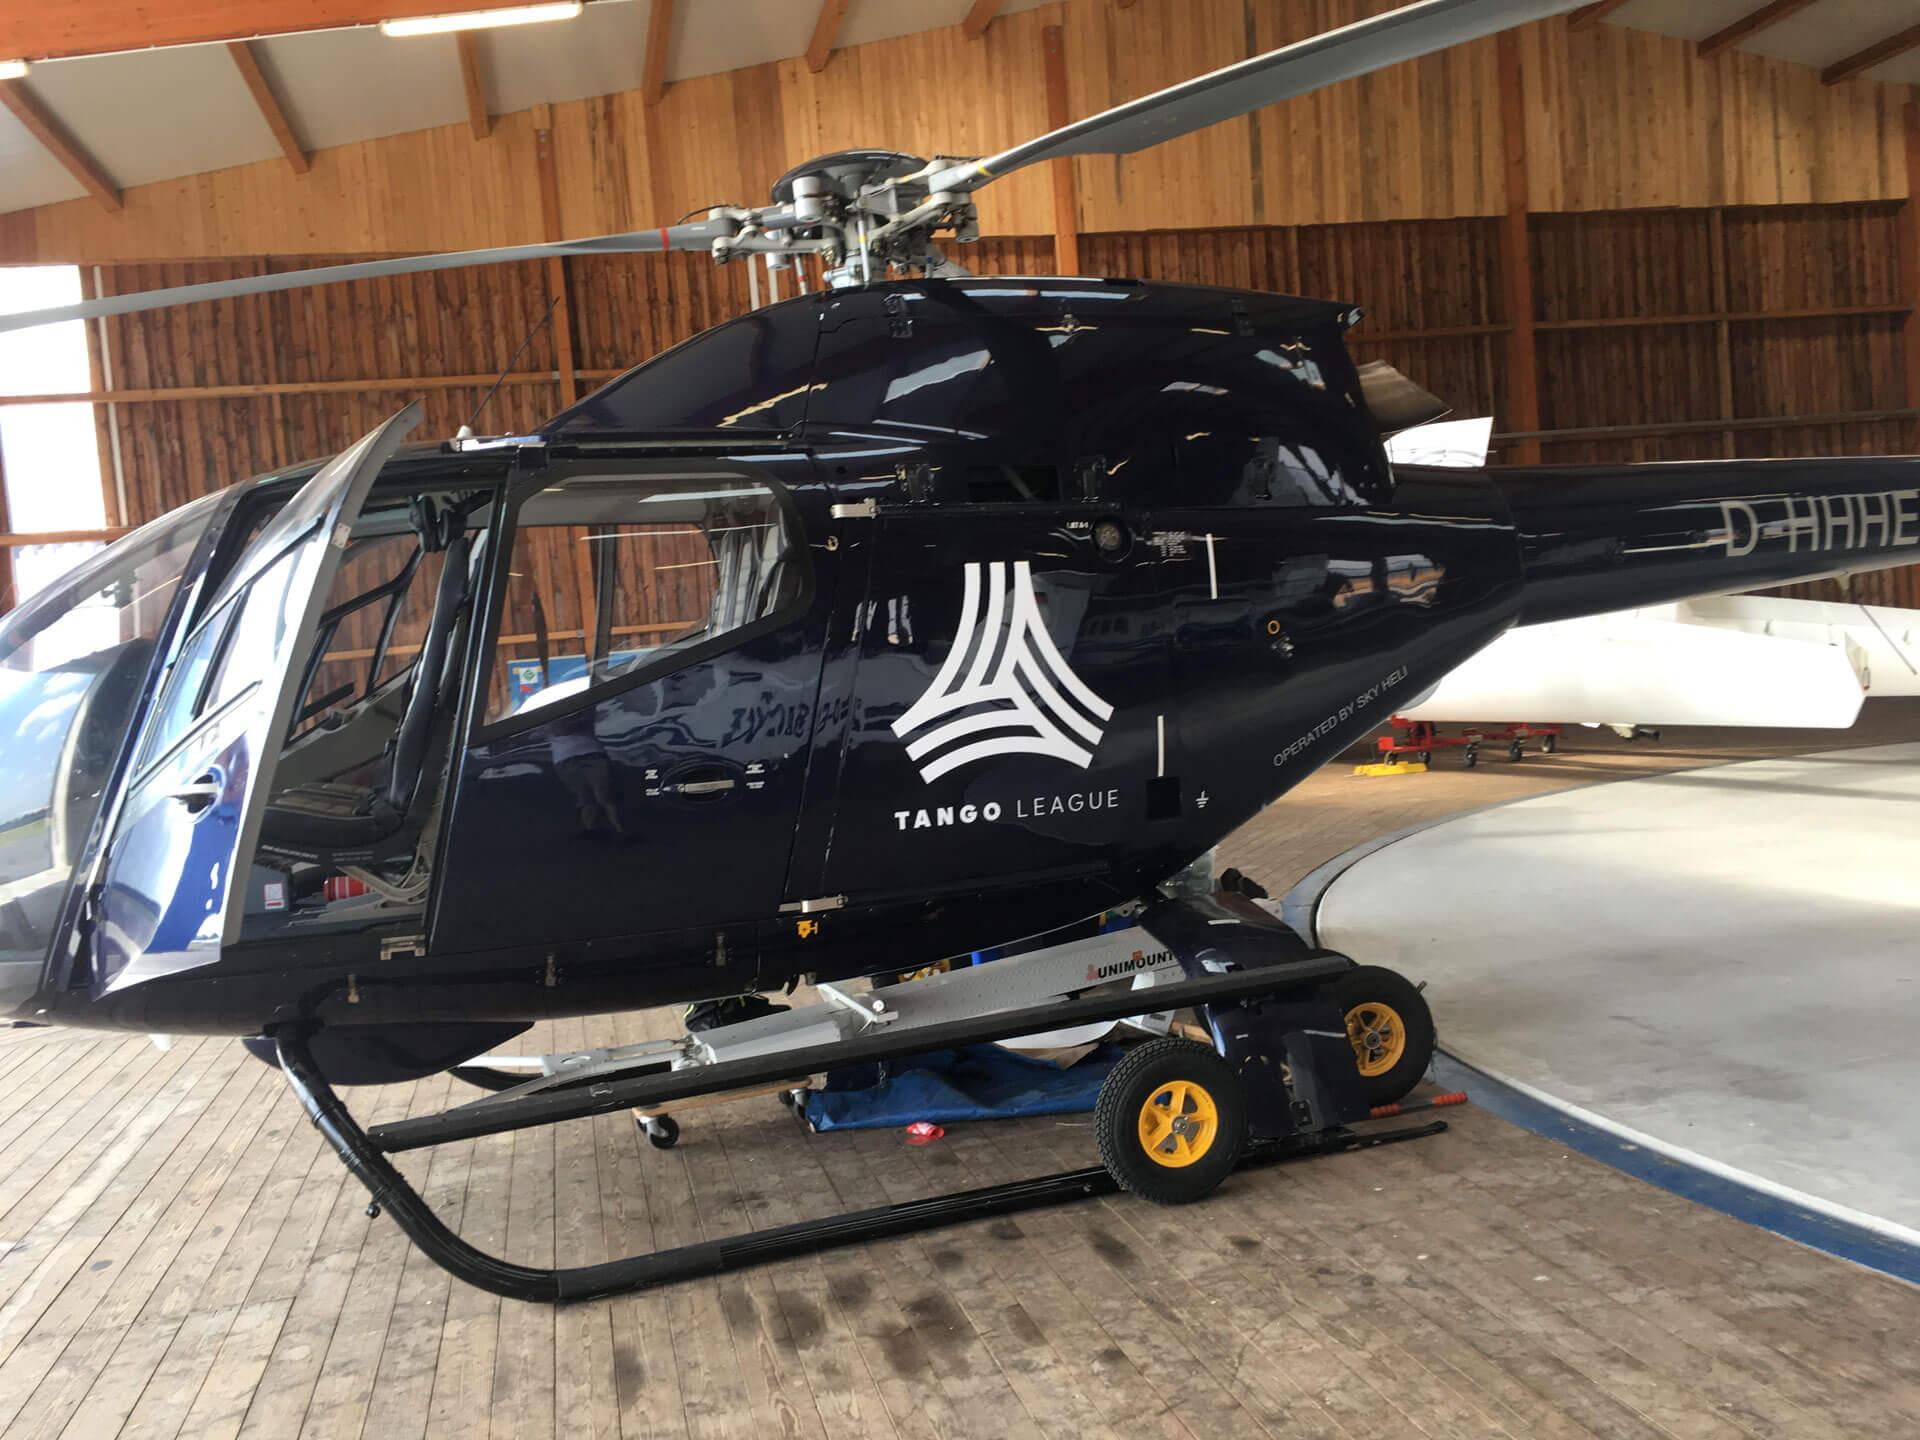 Folienpartner-Helikopter-Beschriftung-Folierung-Beklebung-Logo